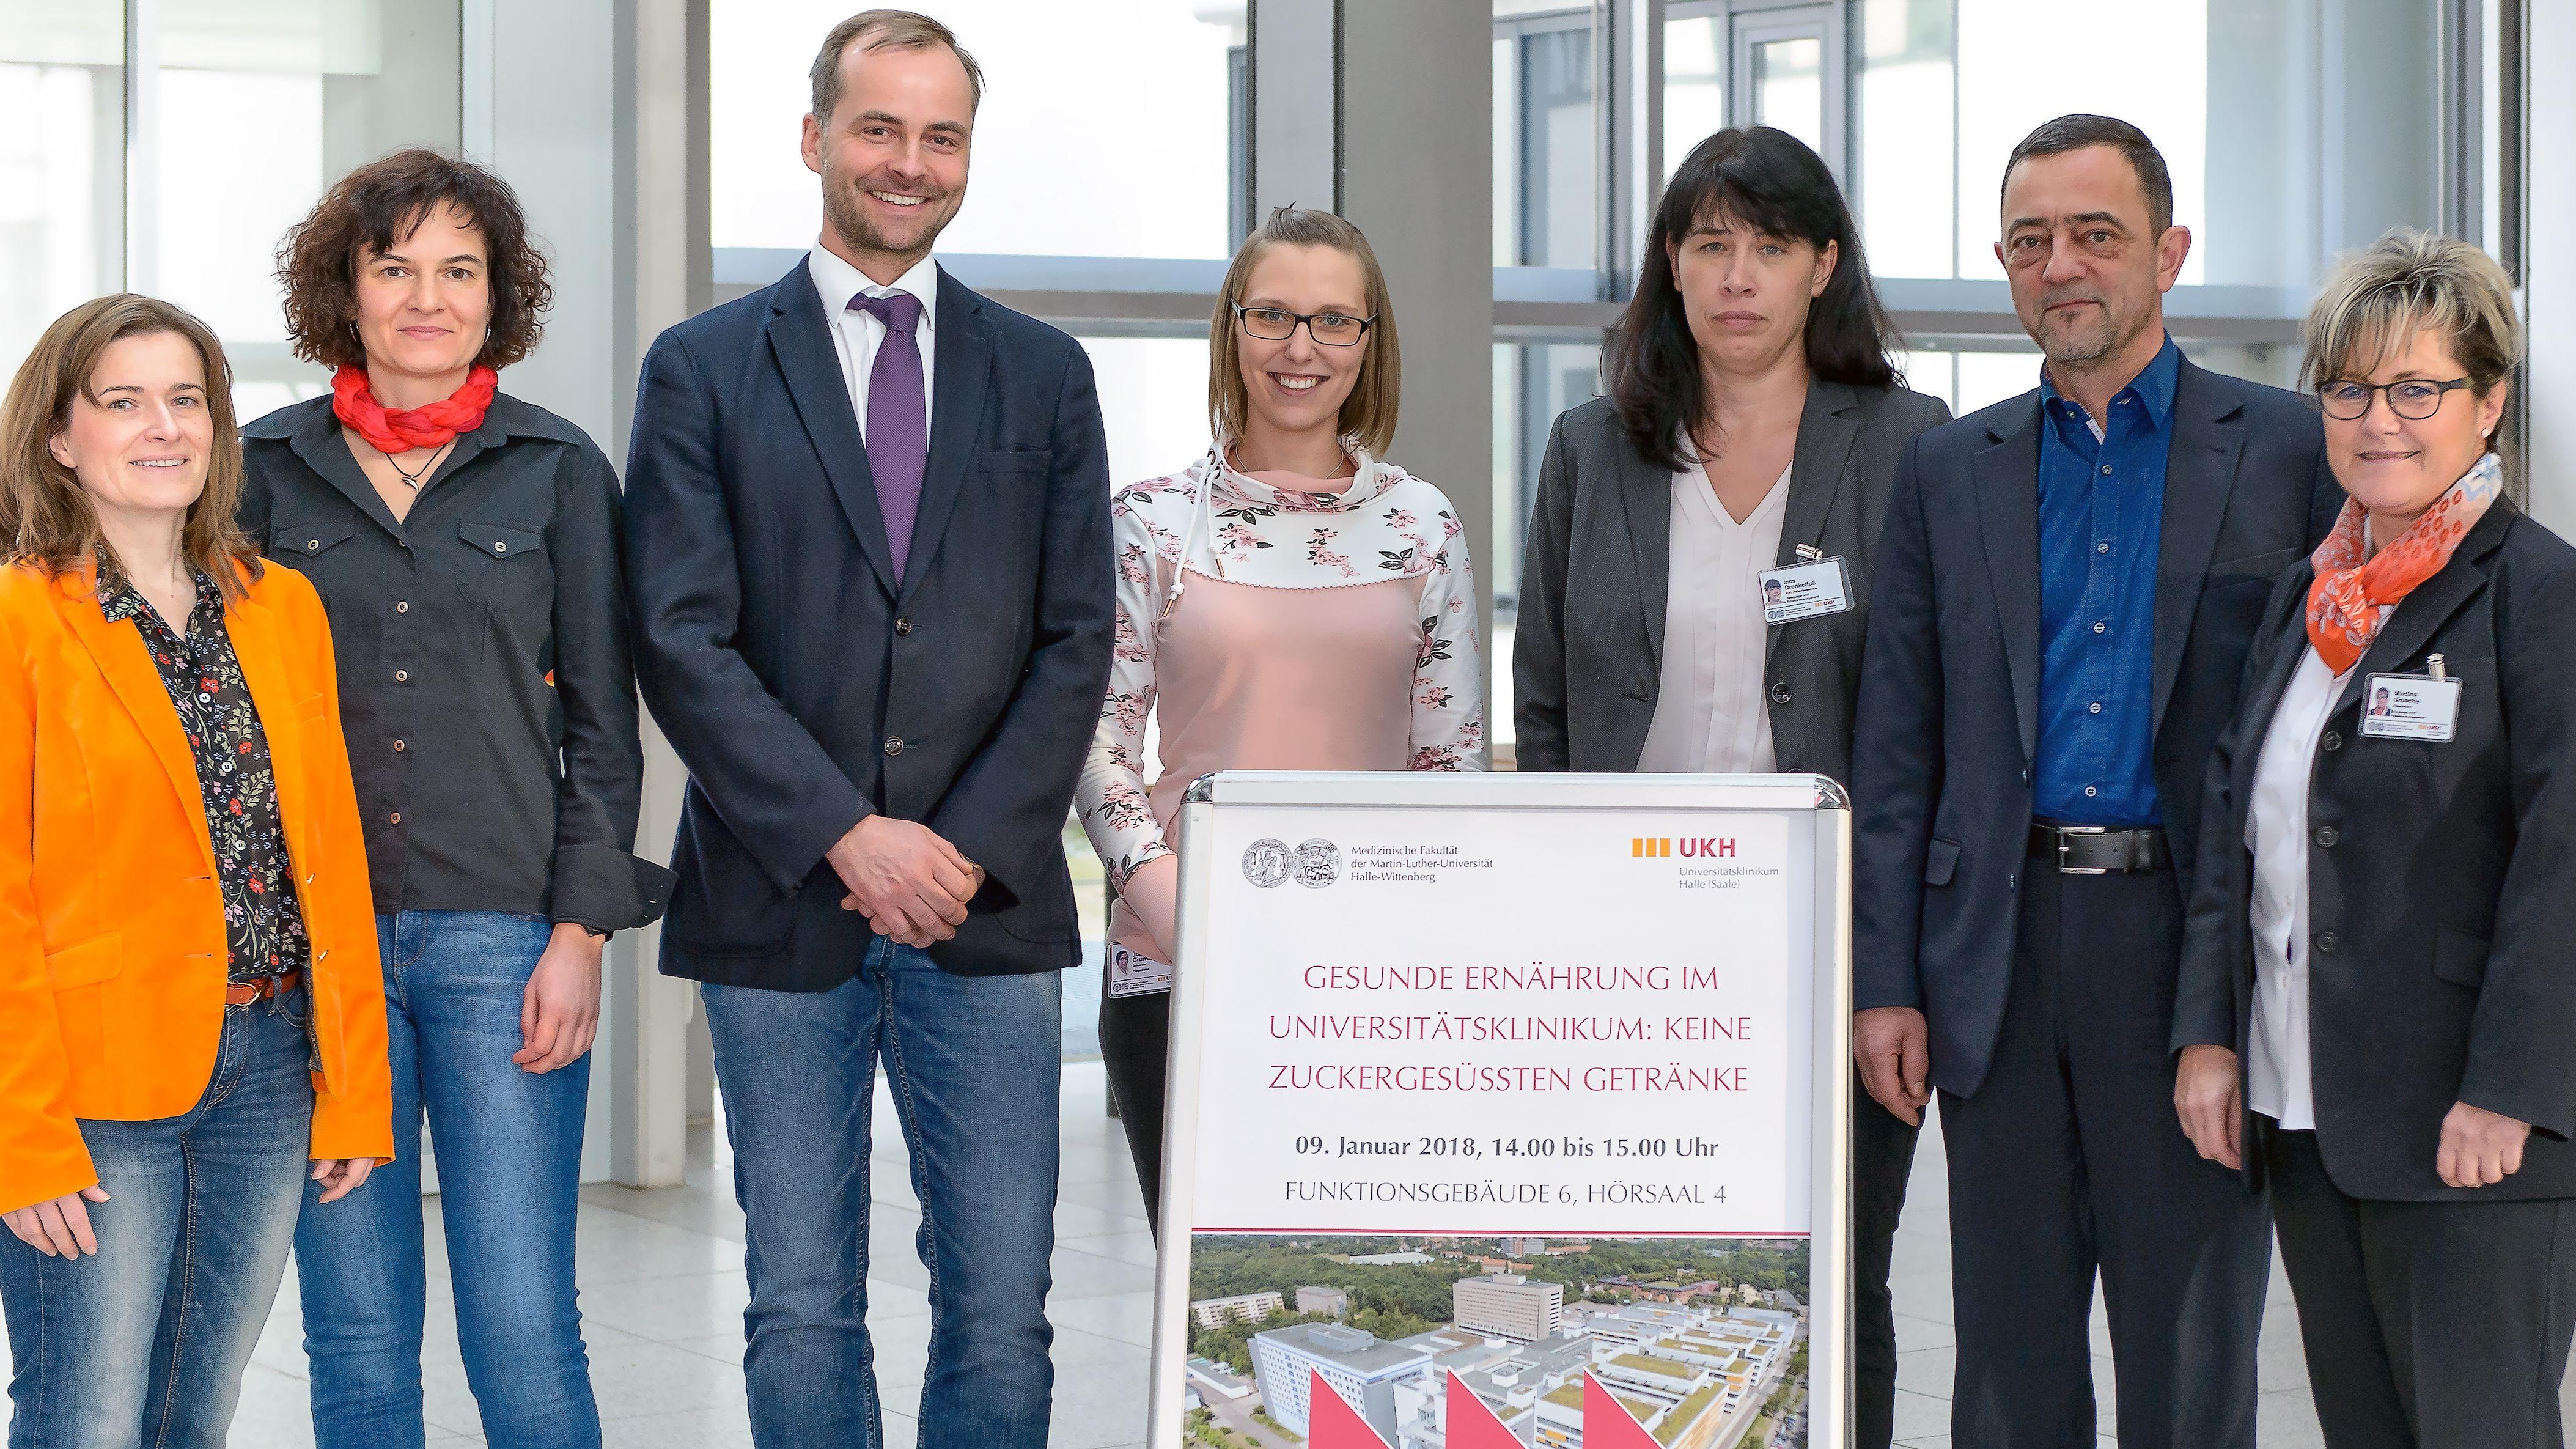 Klinikum Halle: Taskforce gegen Zucker